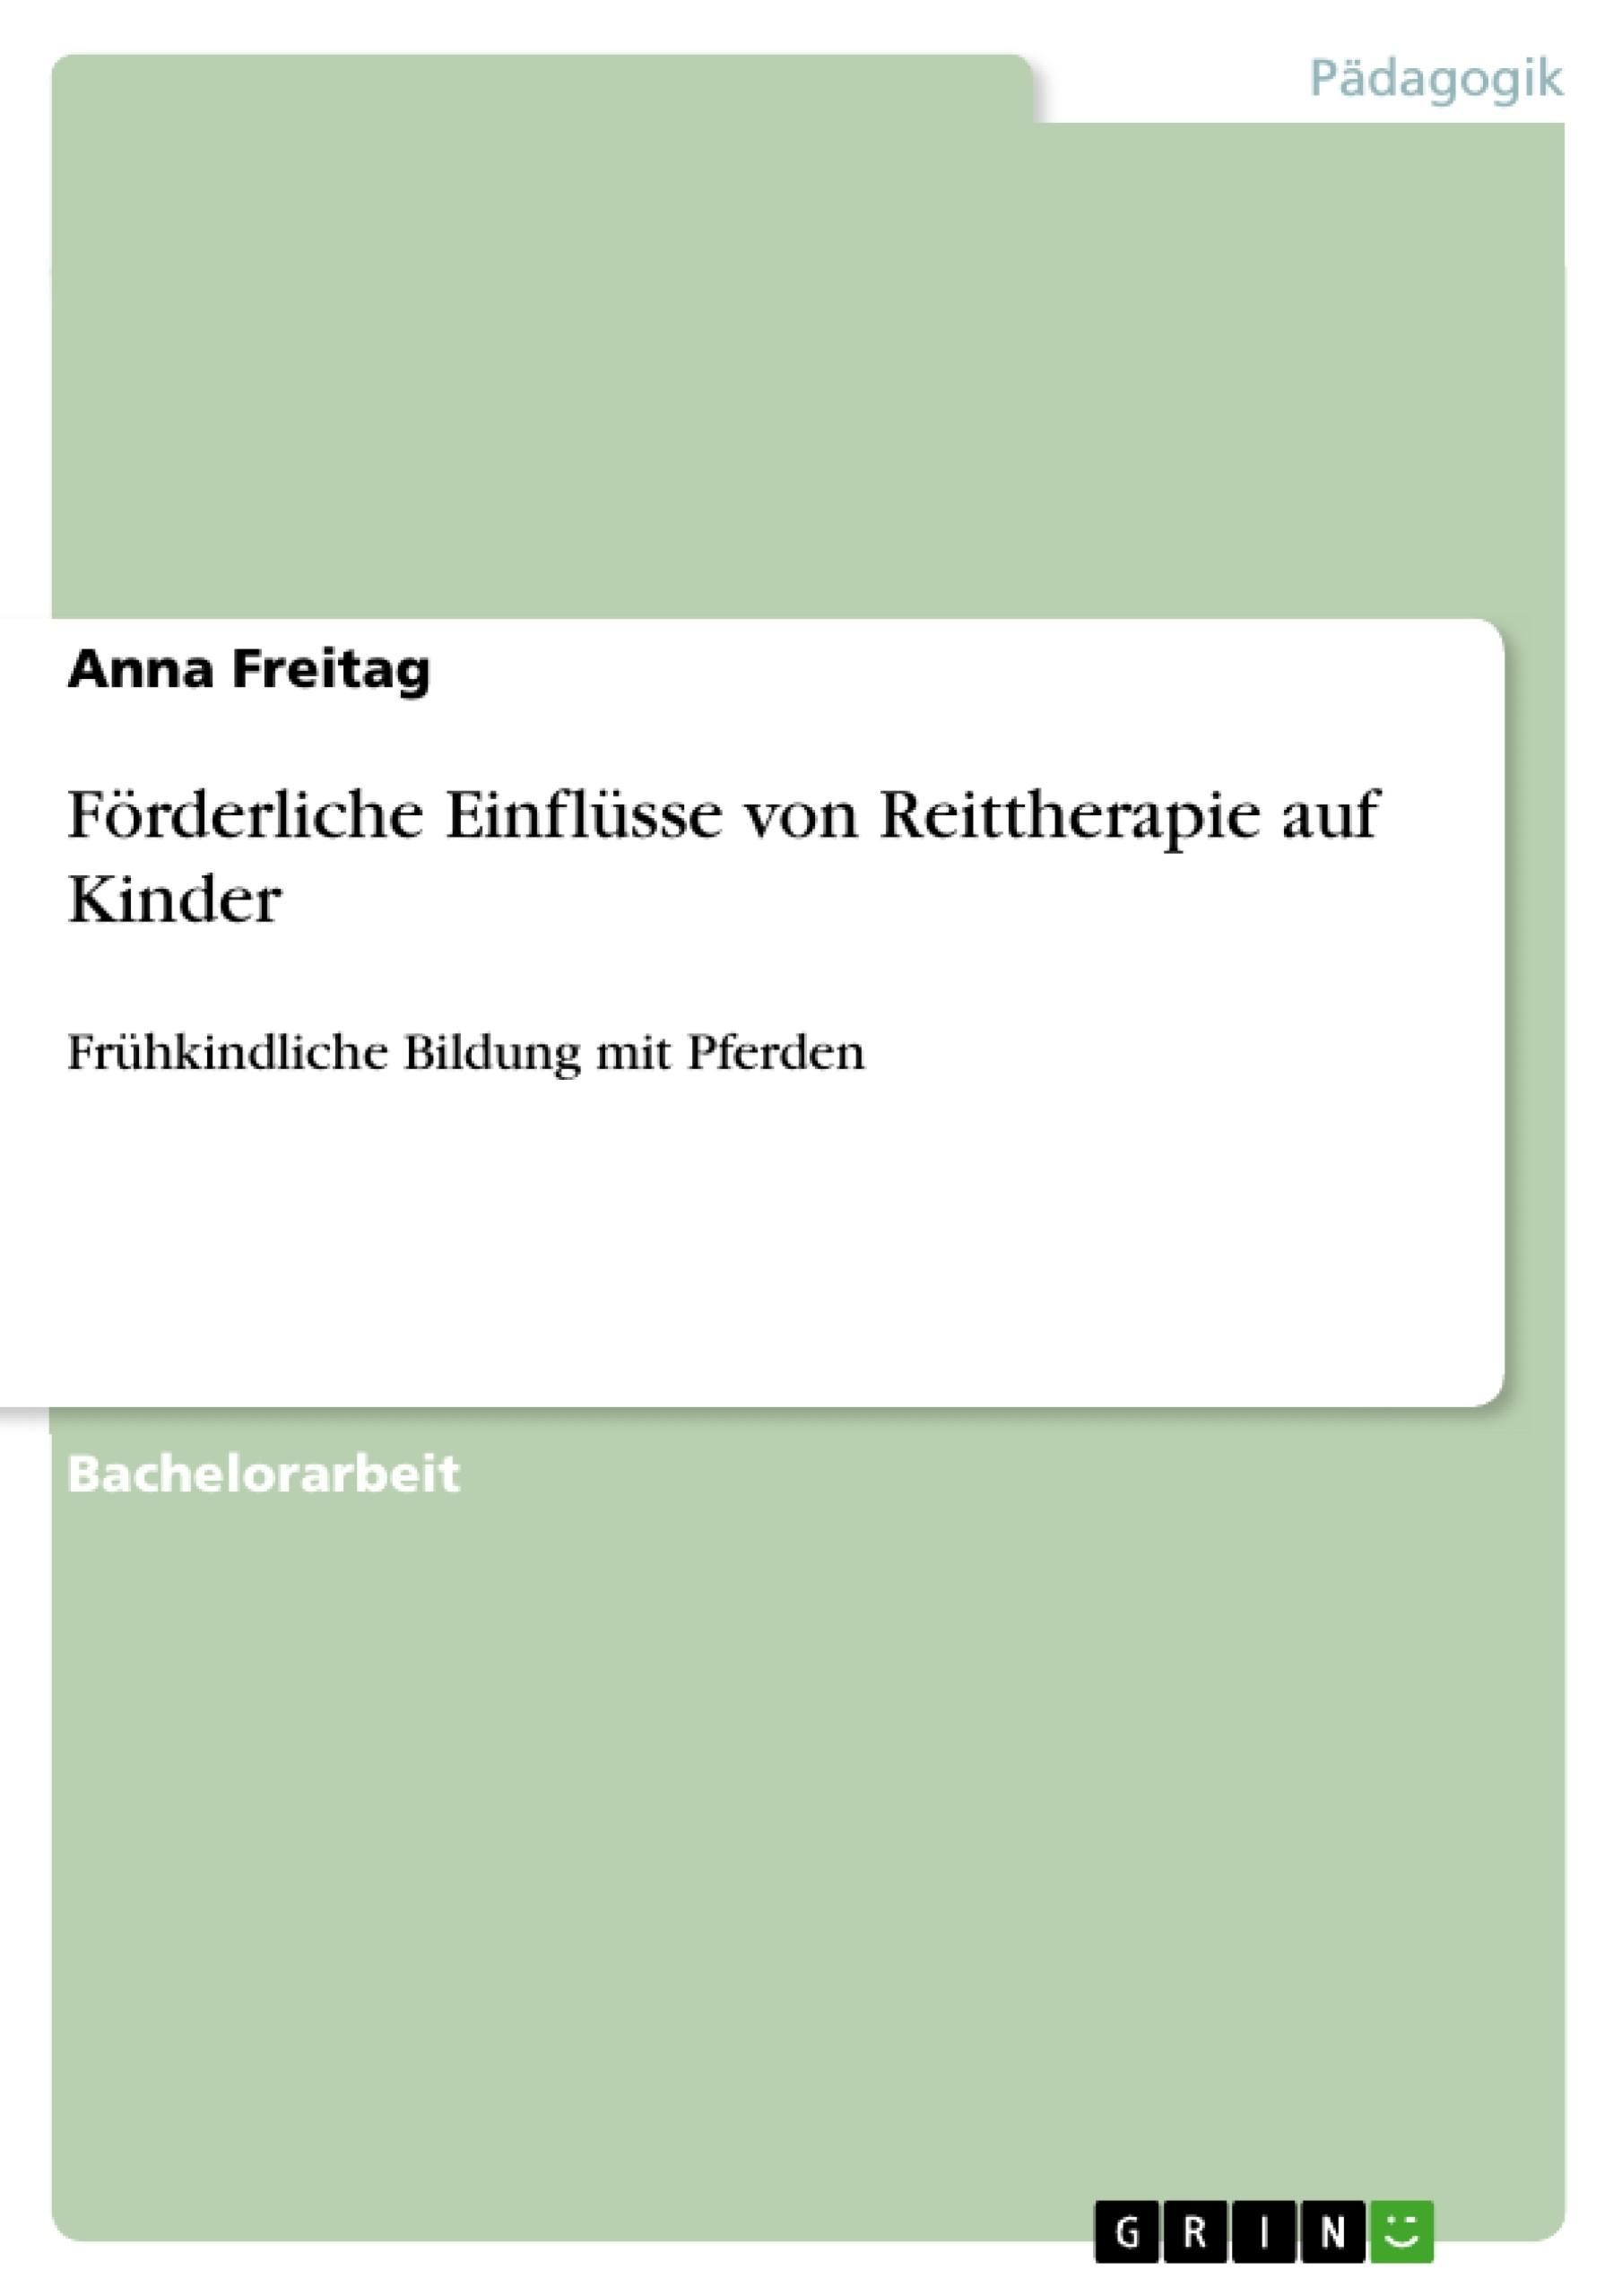 Titel: Förderliche Einflüsse von Reittherapie auf Kinder